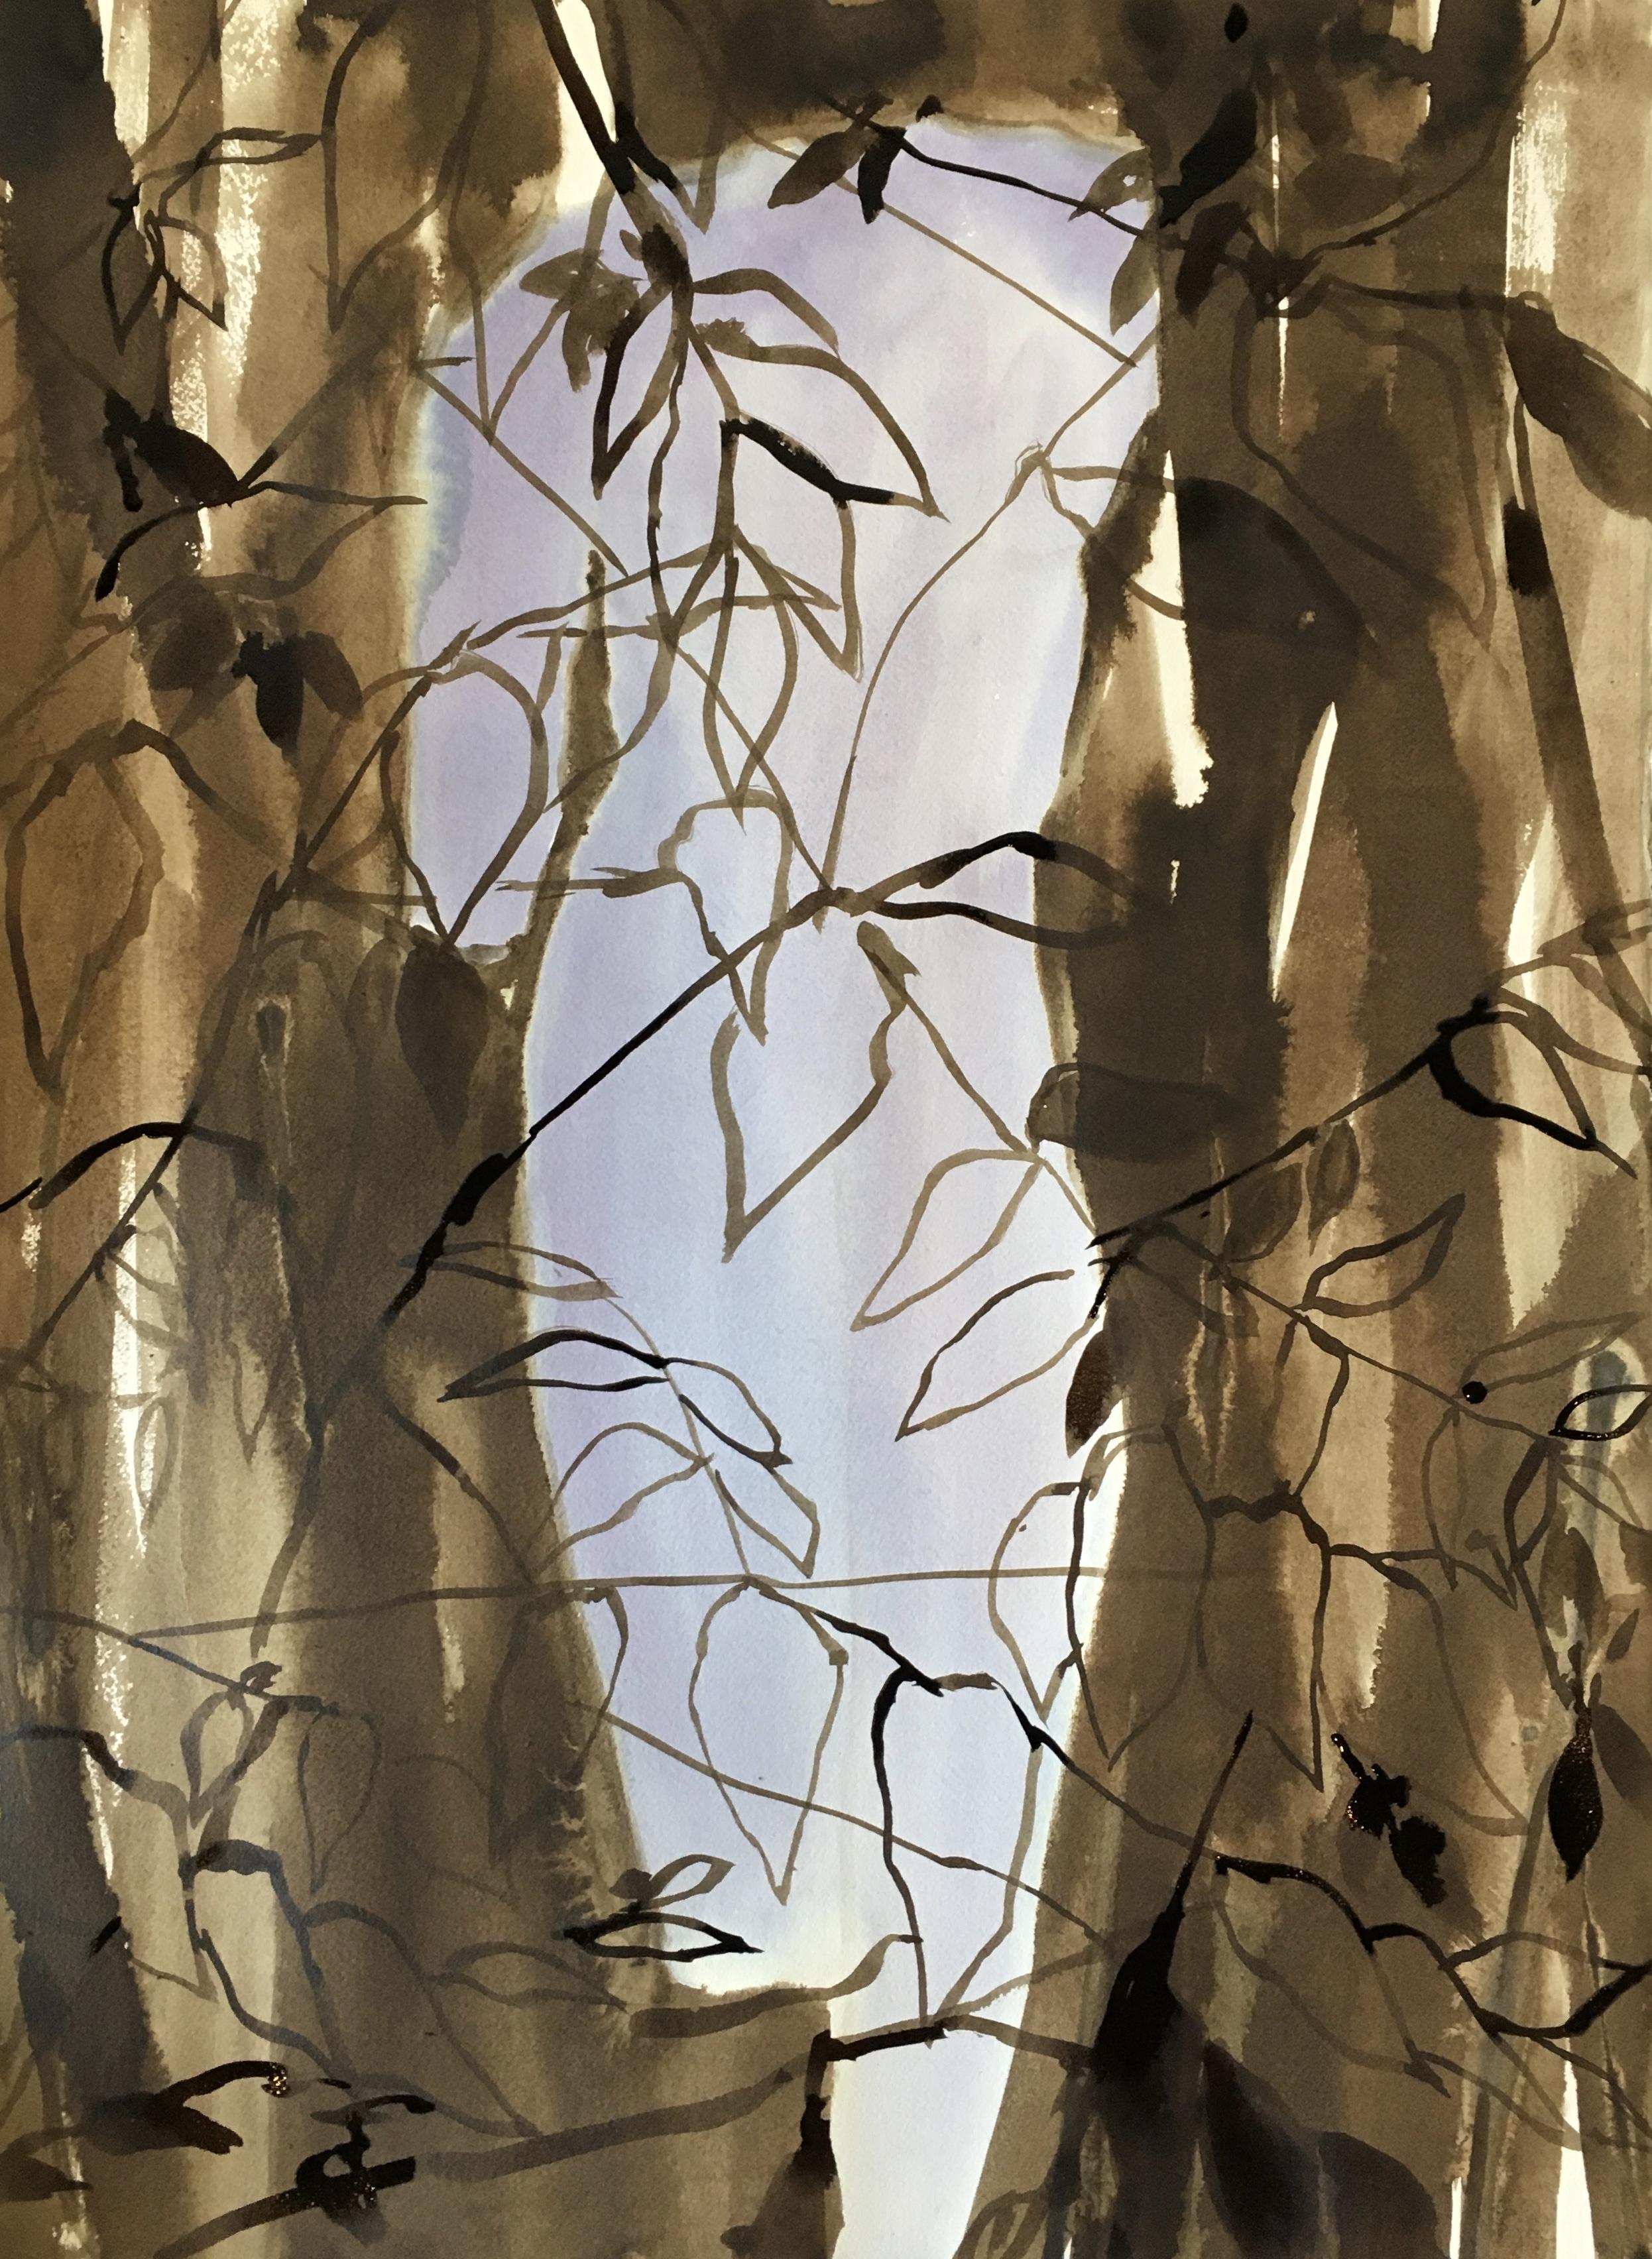 Venus in the Leaves